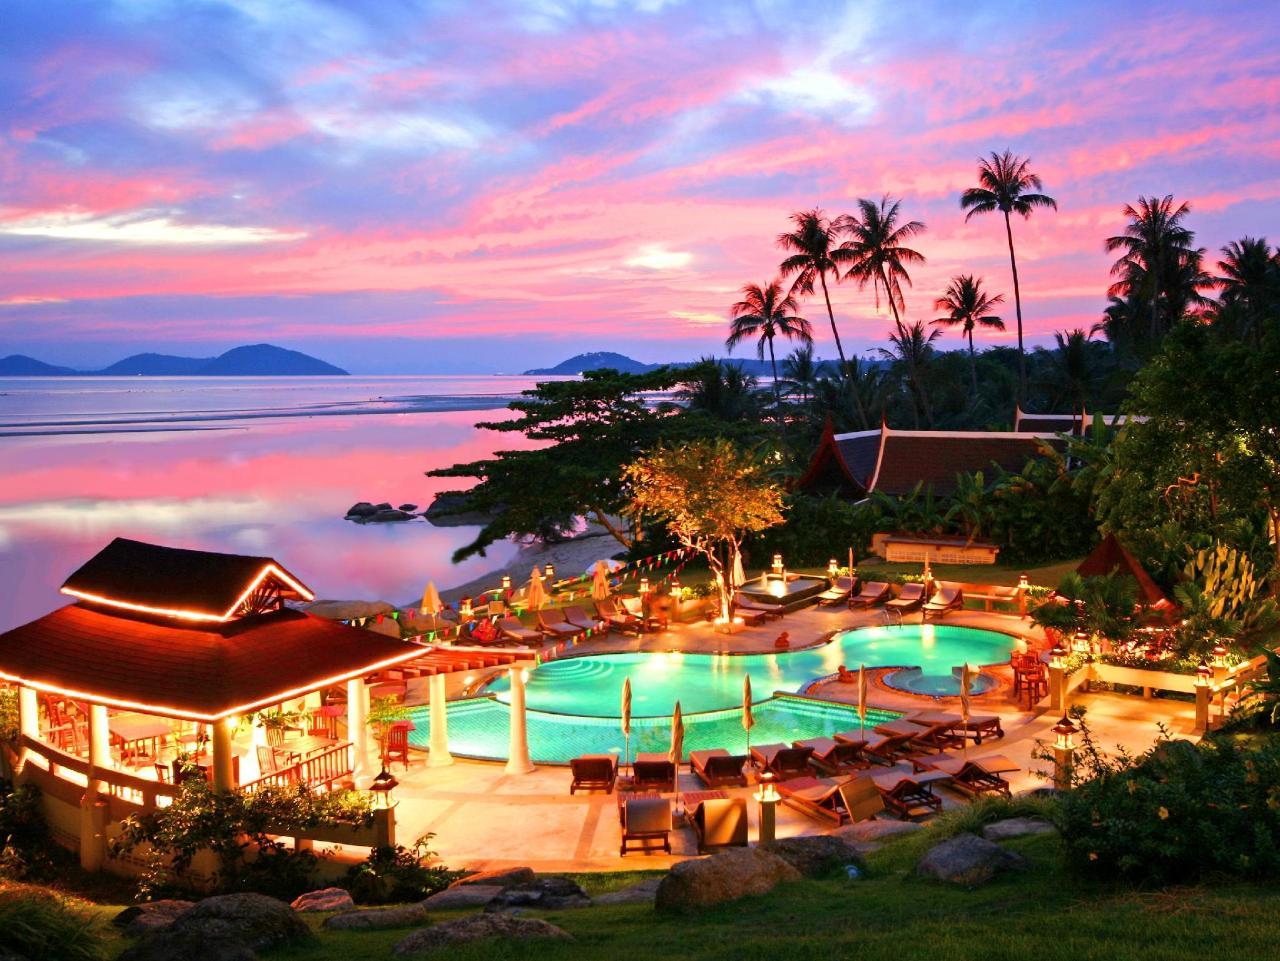 บานบุรี เวลเนส รีสอร์ท แอนด์ สปา (Banburee Wellness Resort & Spa)